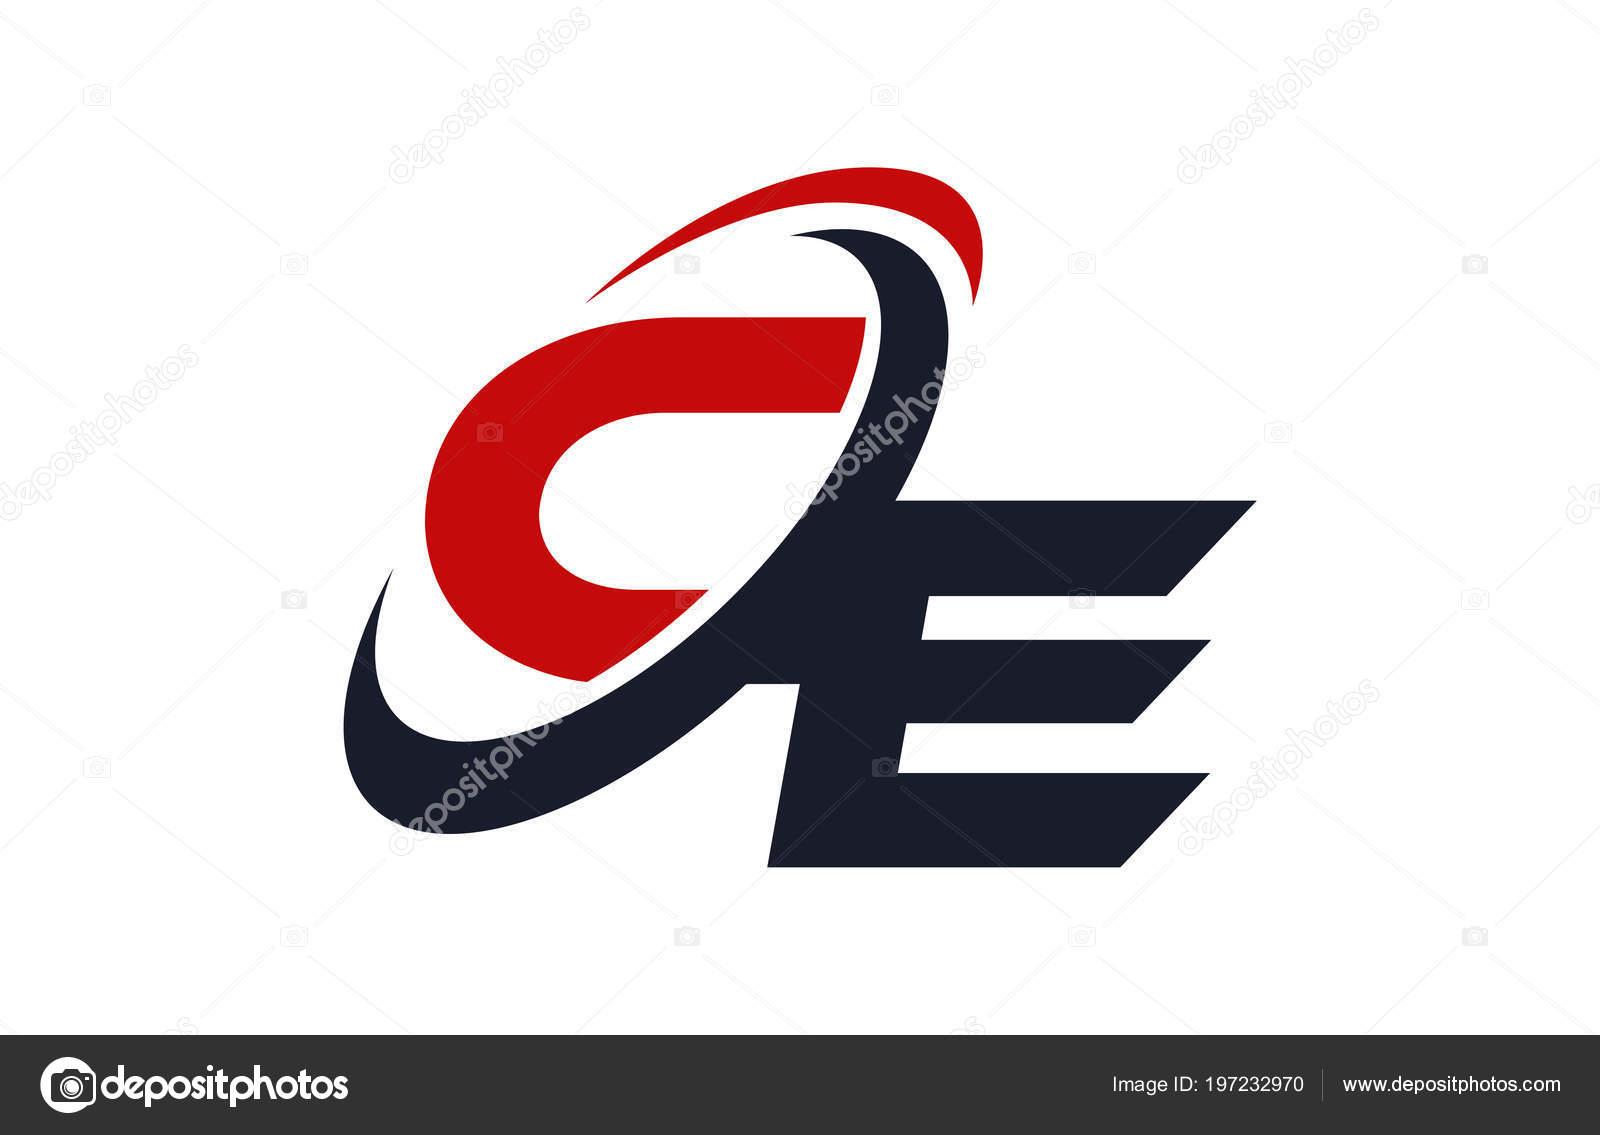 Ce marking | mercato interno, industria, imprenditoria e pmi.